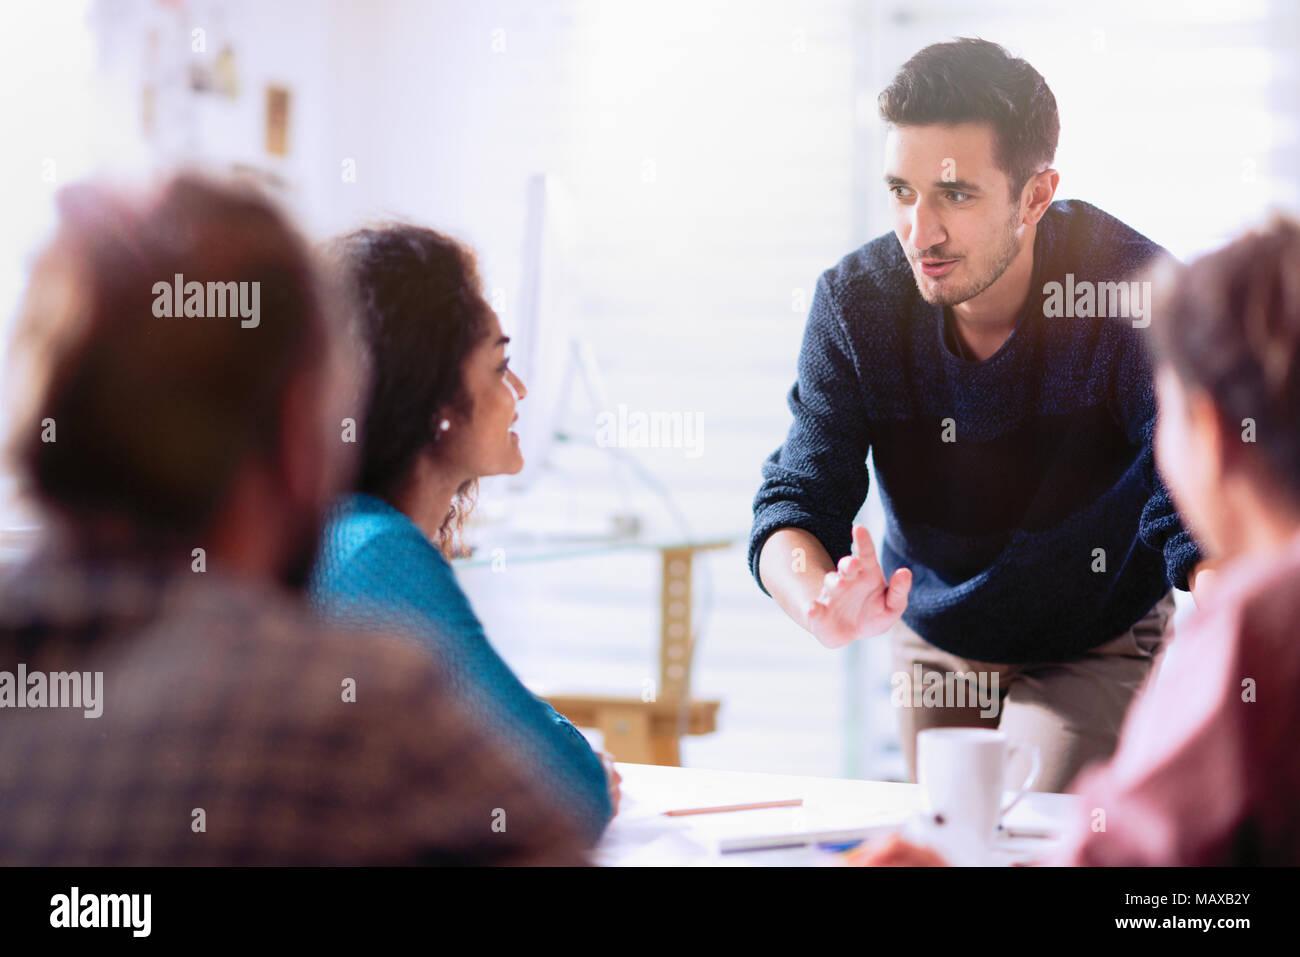 En una reunión. Un hombre joven presentando su proyecto Imagen De Stock